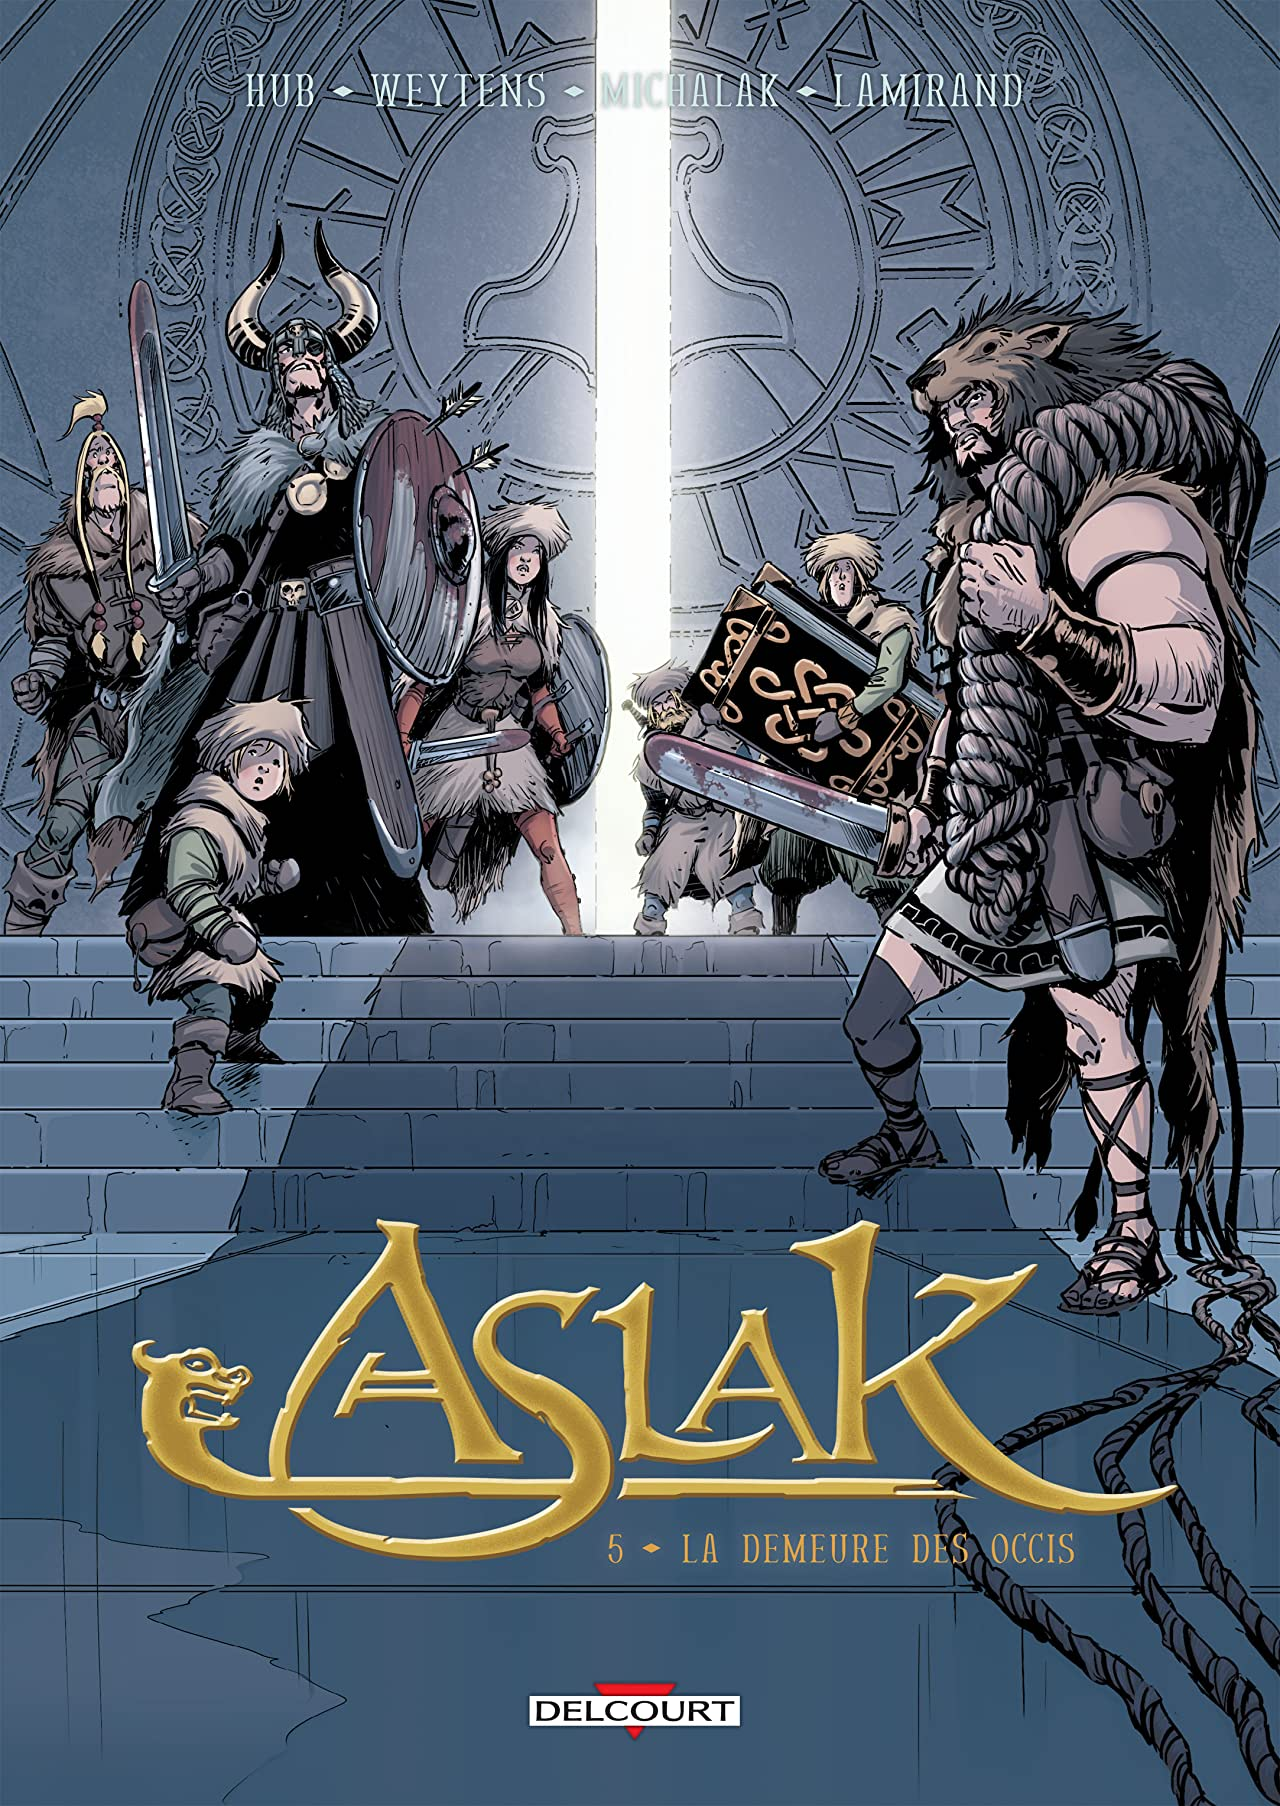 Aslak Vol. 5: La Demeure des occis